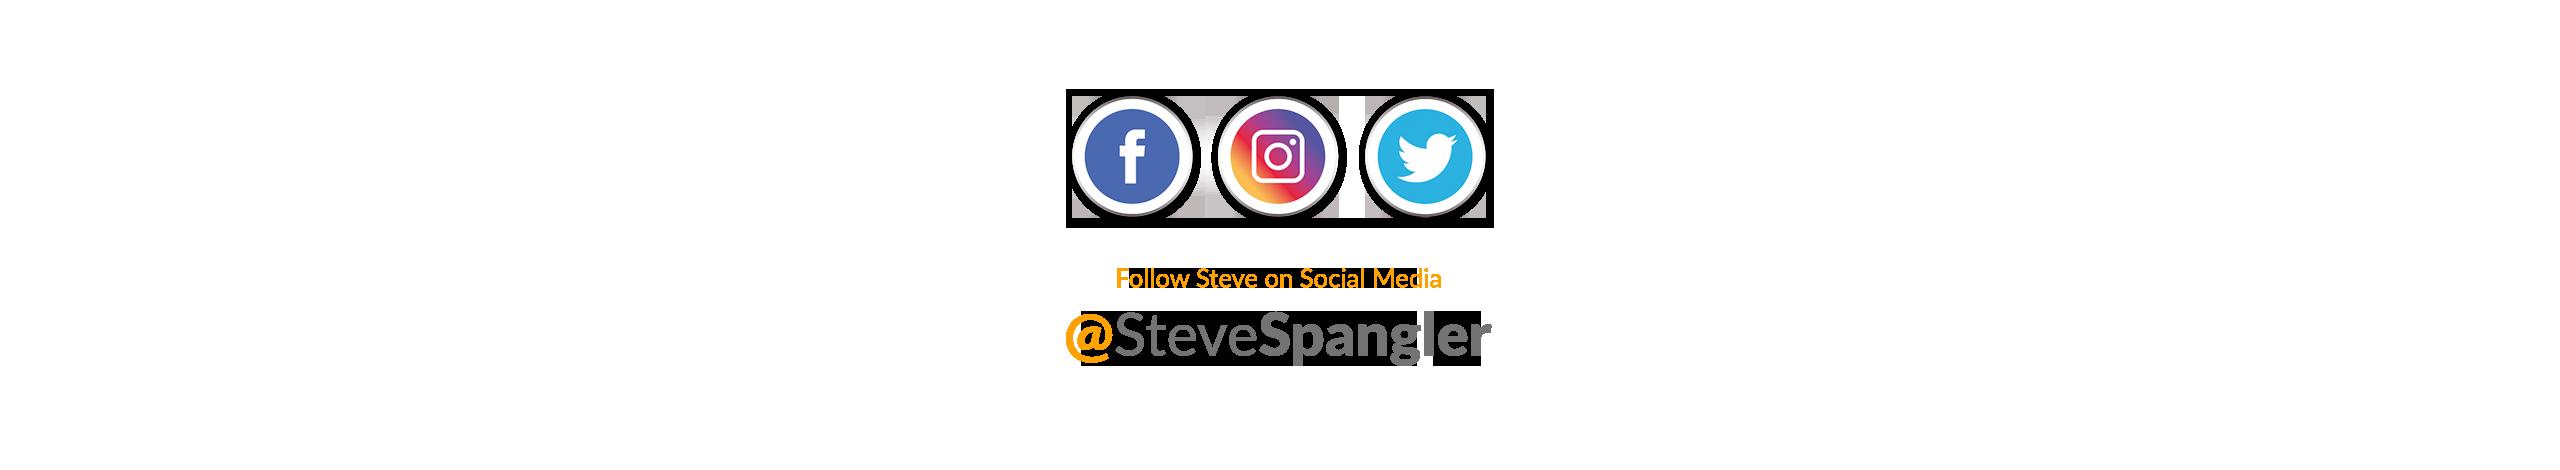 Steve Spangler Social Media